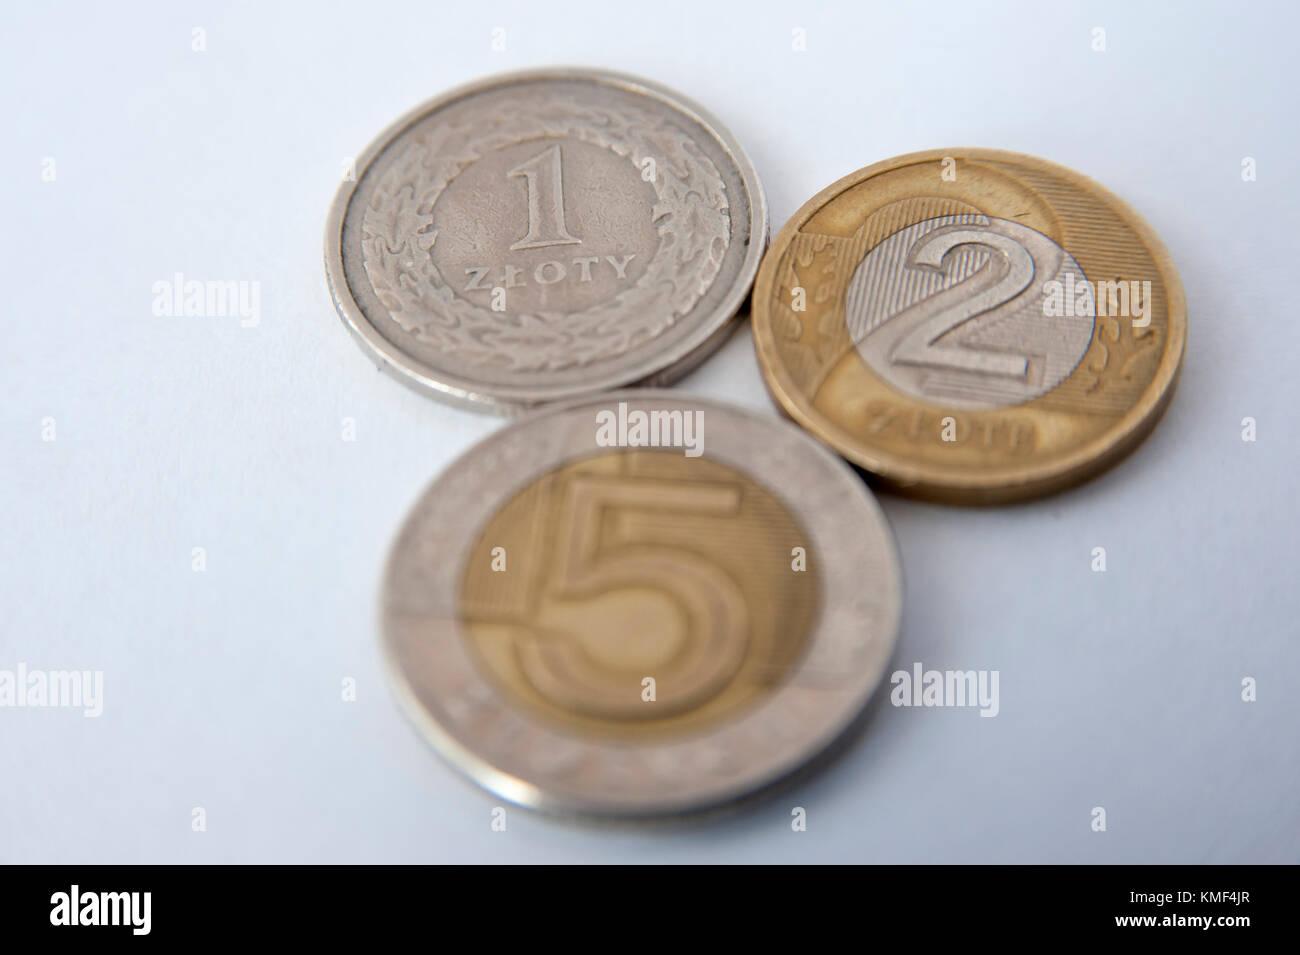 Polnische Währung 5 Zloty Münze 2 Zlote Münze Und 1 Zloty Münze